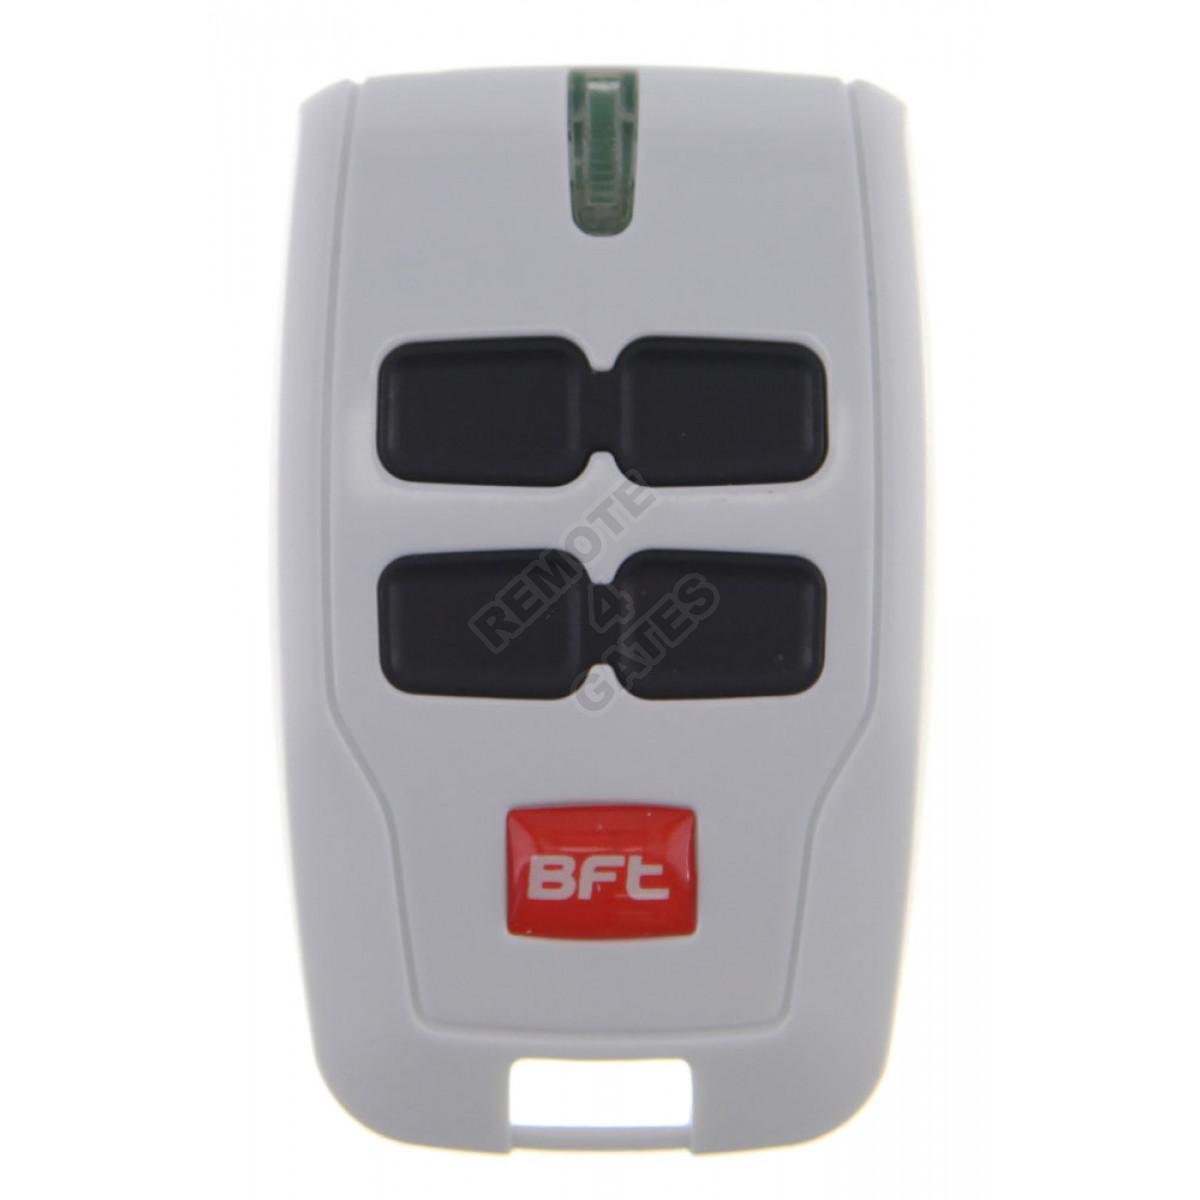 Handsender BFT B RCB TX4